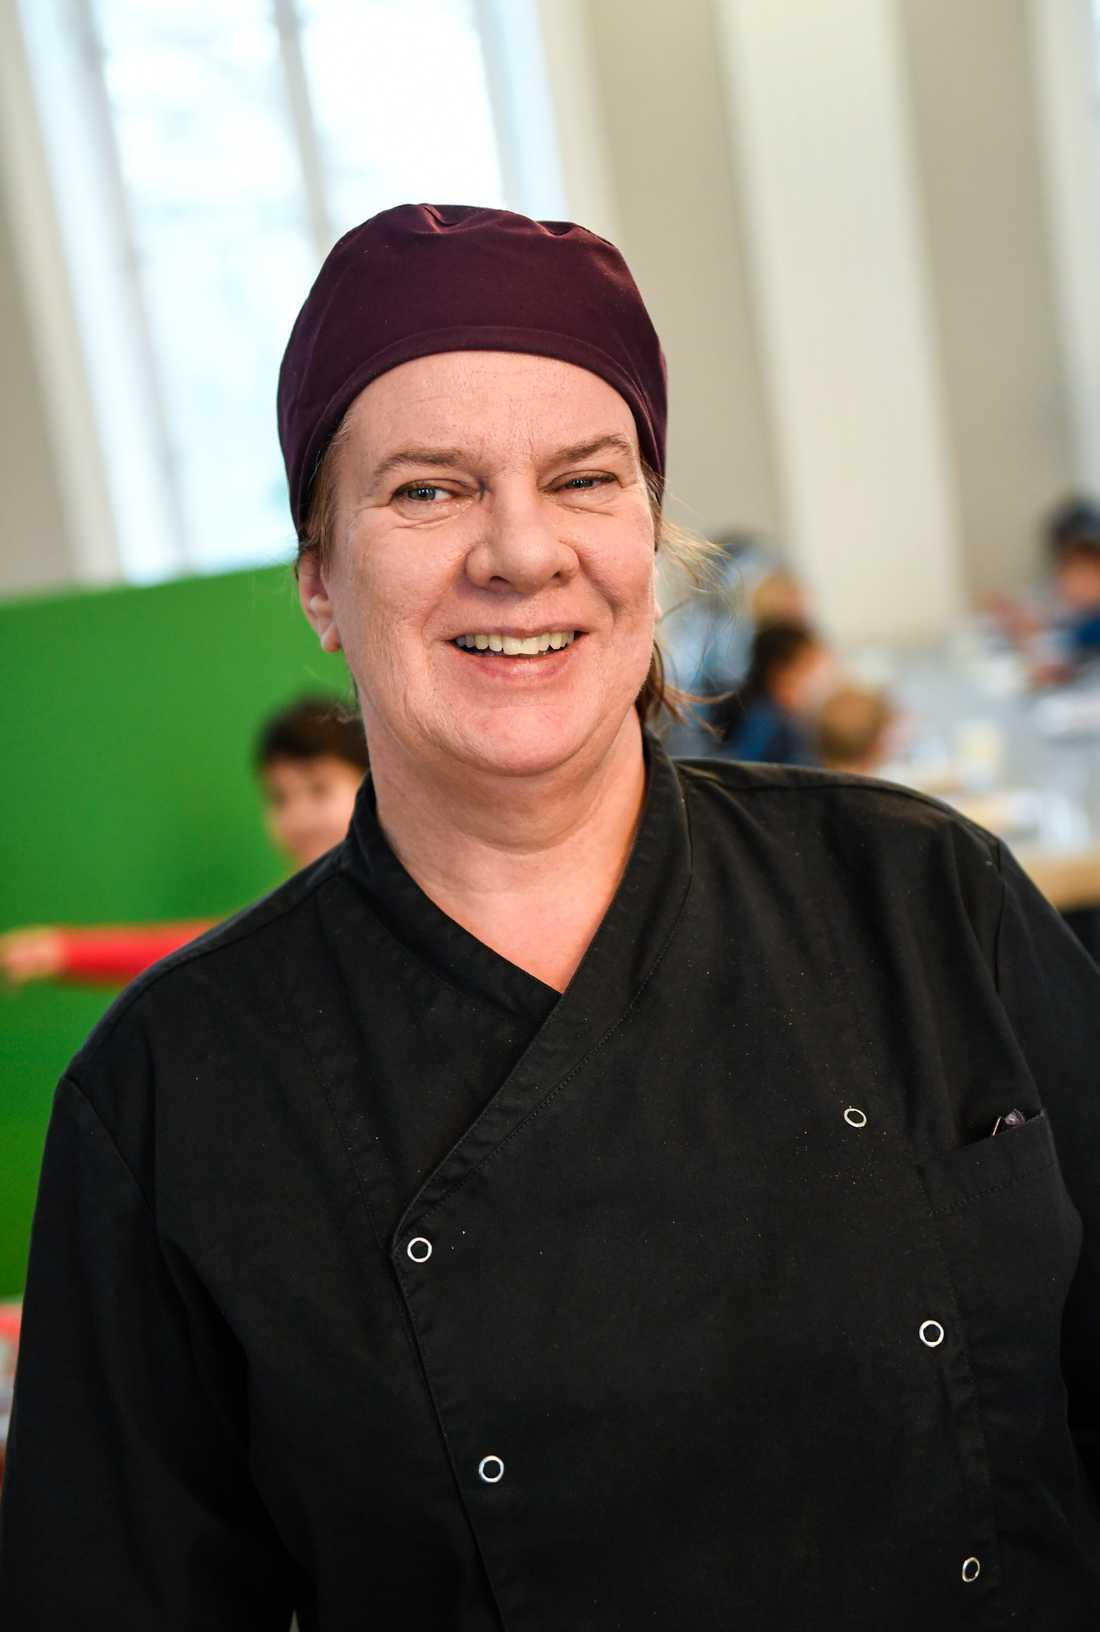 Mindre kött och minskat svinn har varit två ledord på Kristinbergsskolan i Stockholm.